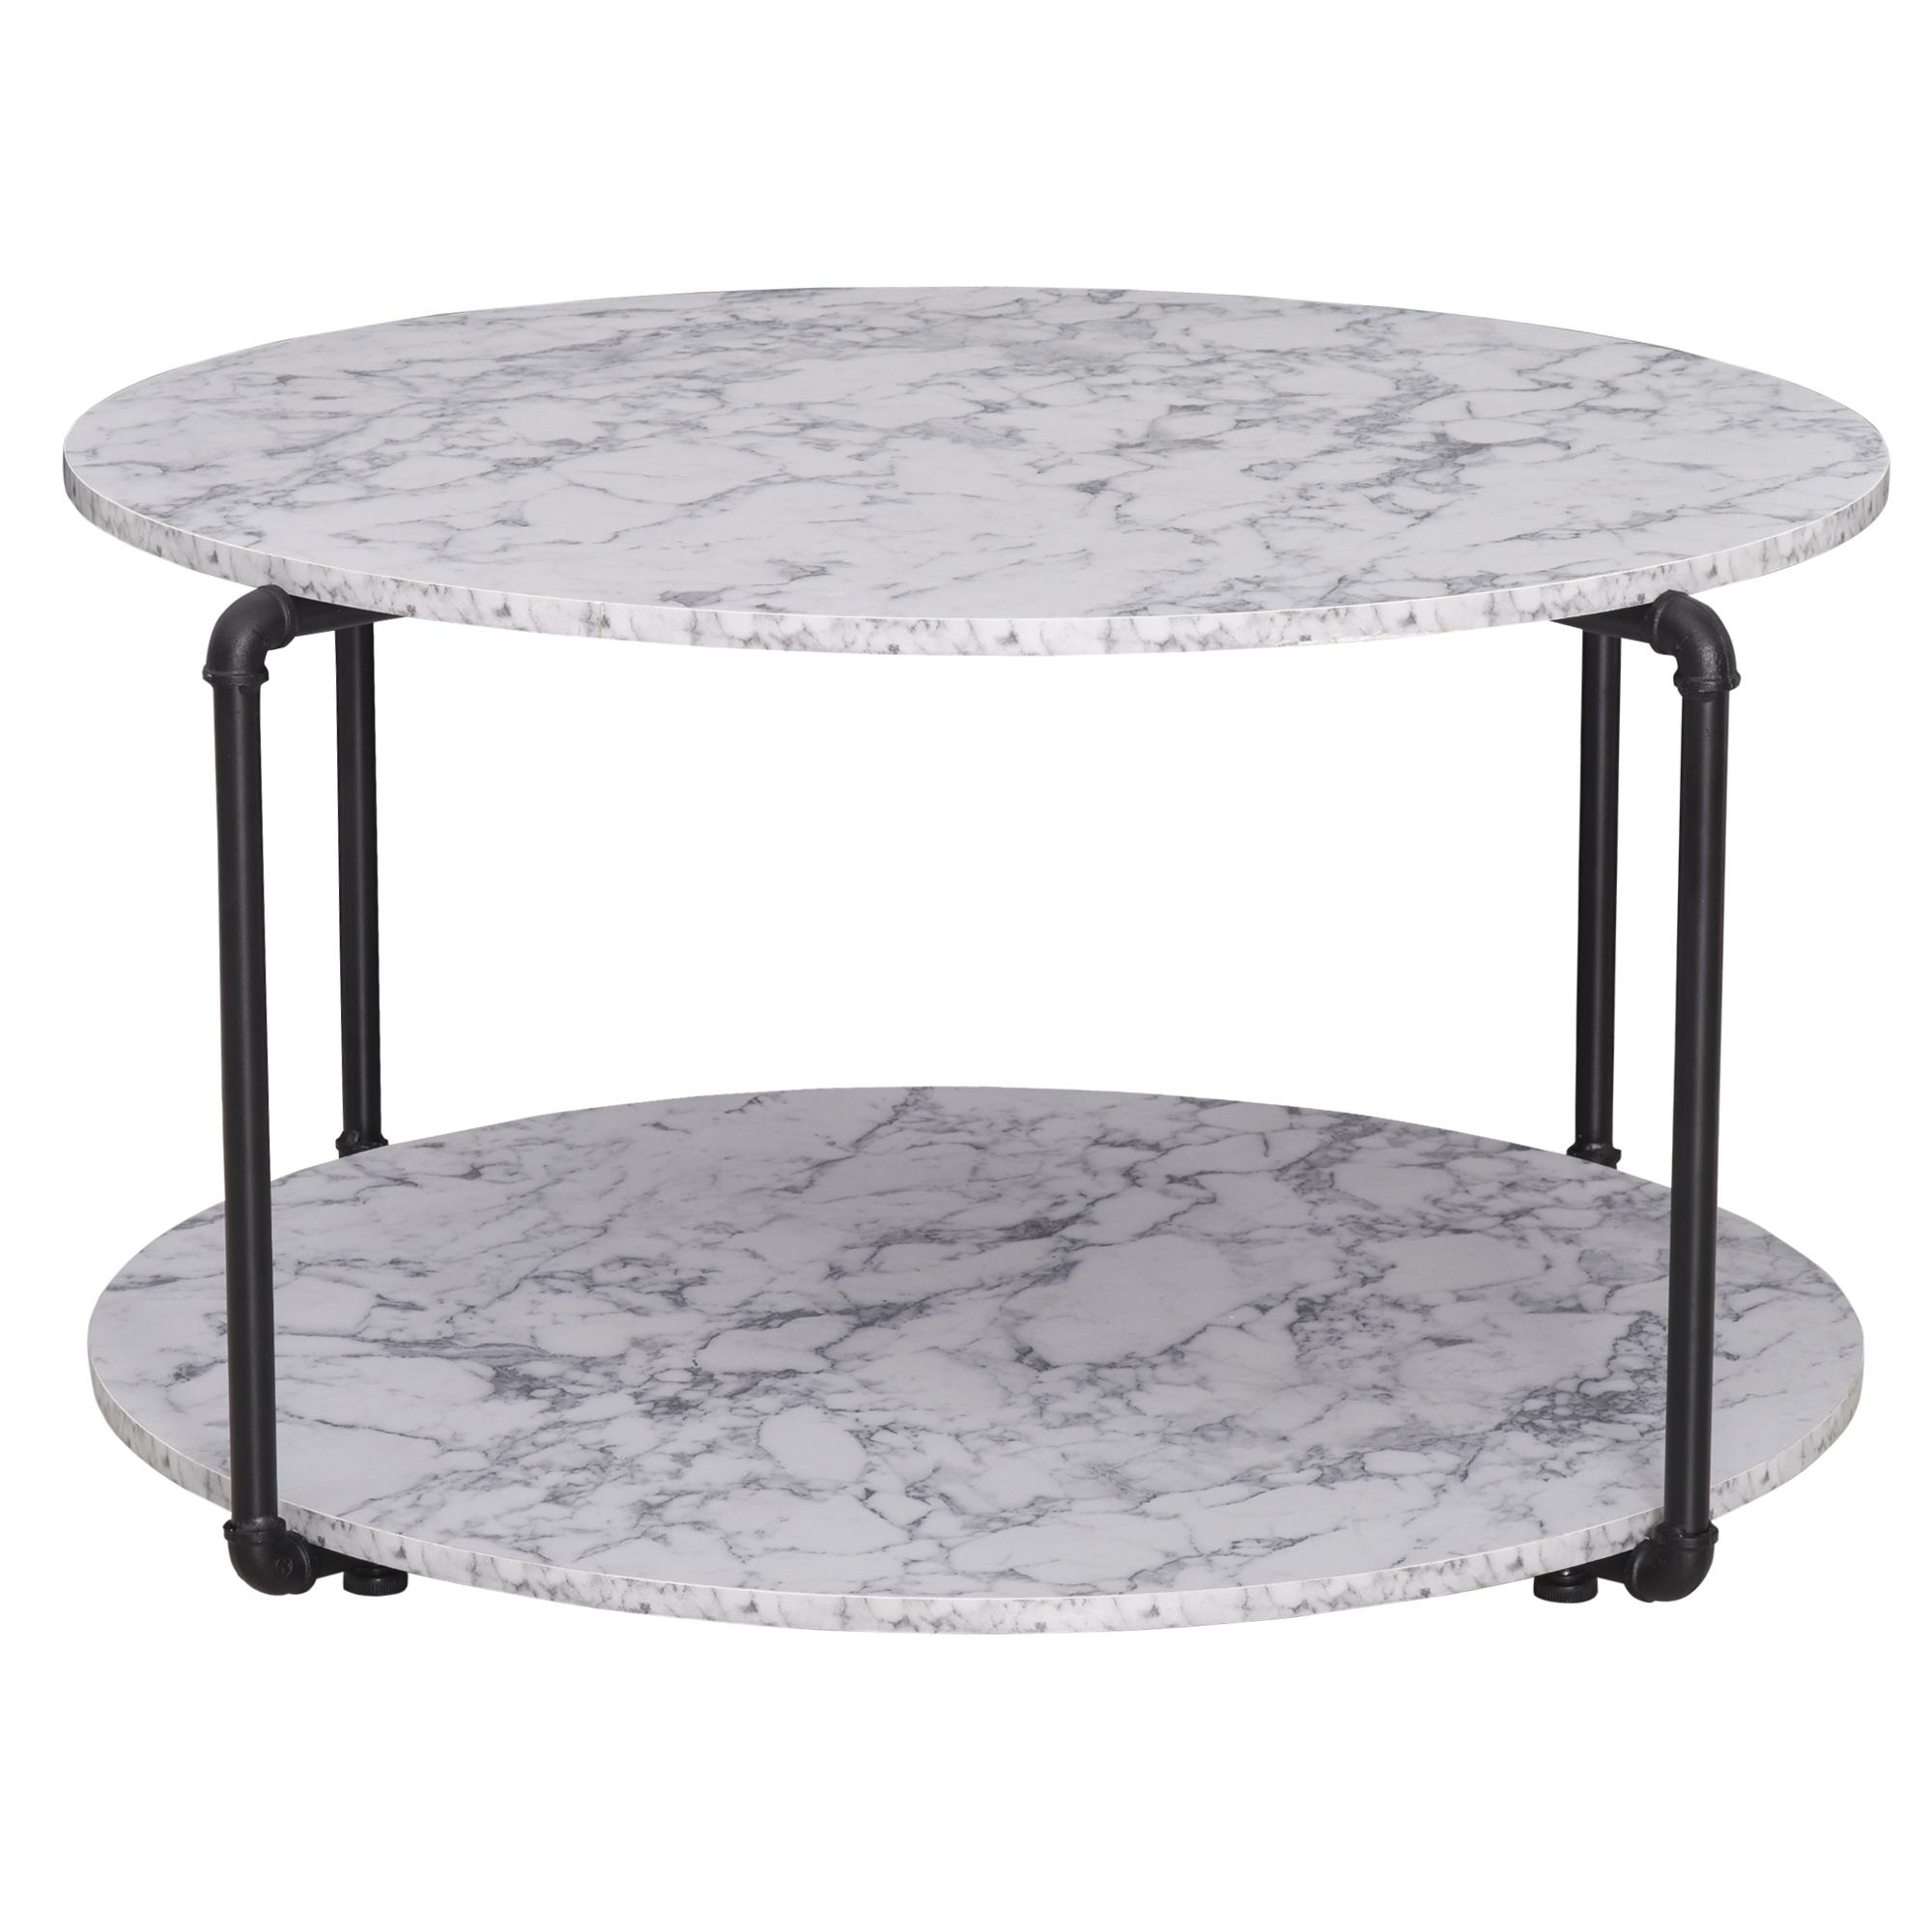 Table basse ronde avec étagère imitation marbre blanc métal noir